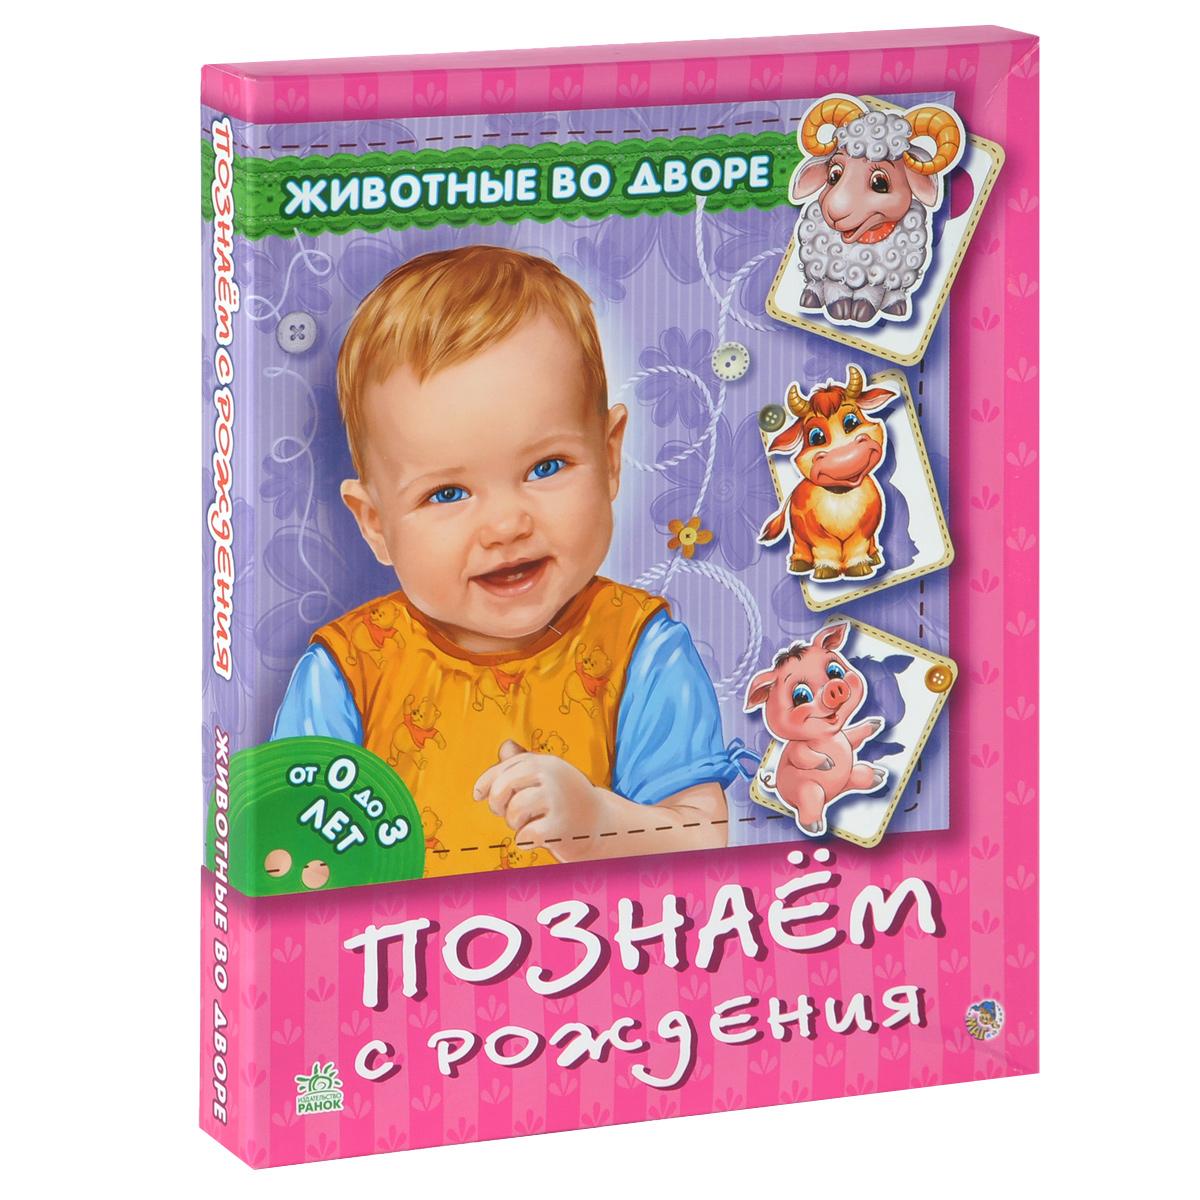 Животные во дворе (набор из 8 карточек)12296407Набор развивающих игр и упражнений ЖИВОТНЫЕ ВО ДВОРЕ предназначен для малышей от двух месяцев до двух лет. Игры направлены на развитие органов чувств малыша — ведь в это время закладываются основы всестороннего развития ребенка. Набор содержит 10 игр и упражнений, которые помогут познакомить малыша с домашними животными; обогатить ребенка впечатлениями при рассматривании ярких картинок; сформировать положительное отношение к окружающему миру, эмоциональную устойчивость, уверенность в своих силах. Но главное — это эмоциональное общение малыша и его мамы. В набор также входят: • 6 картинок-вкладышей (в рамках) с изображениями домашних животных; • 2 дополнительные карточки (с изображениями игровых предметов); • Приложение: 6 стихотворений о животных. Все игровые занятия проводятся в два этапа. Первый — На руках у мамы (для детей от 2 до 8 месяцев). Второй — Играю сам (от 8 месяцев до 2 лет). Подготовка к играм на каждом из этих этапов...